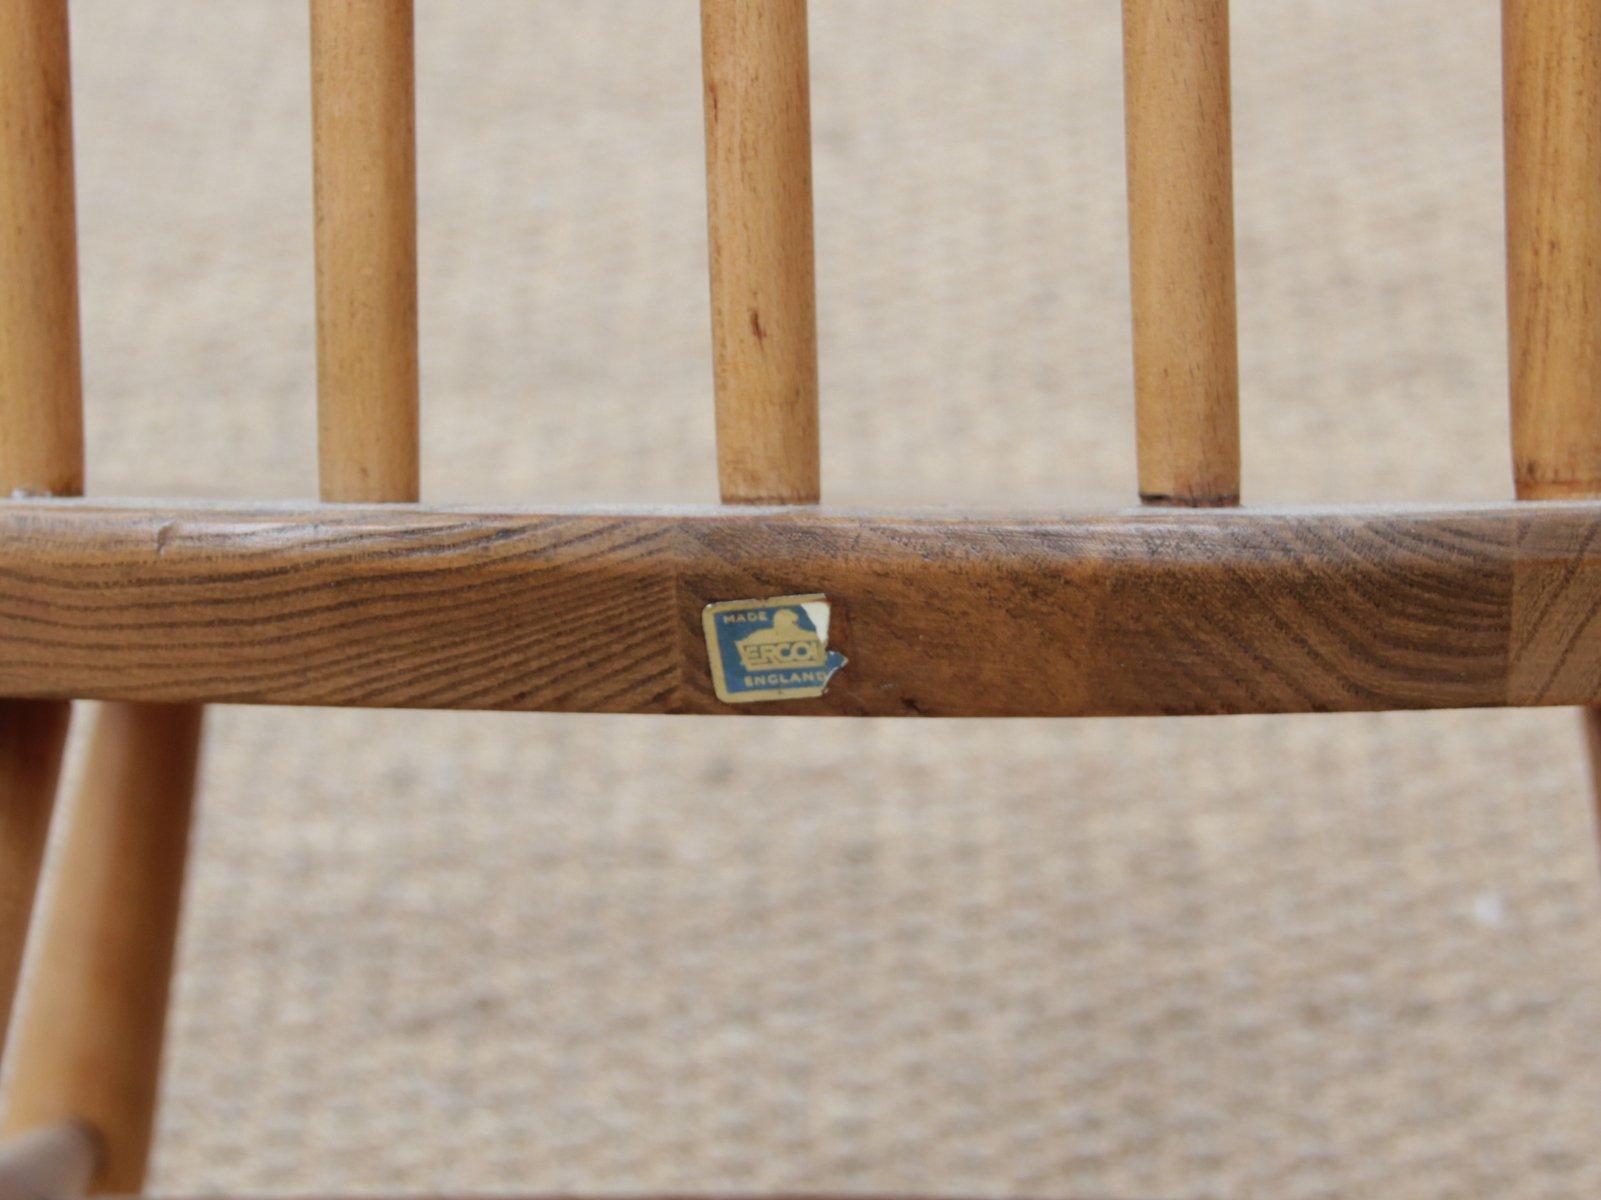 428 quaker schaukelstuhl f r kinder von ercol 1960er bei pamono kaufen. Black Bedroom Furniture Sets. Home Design Ideas